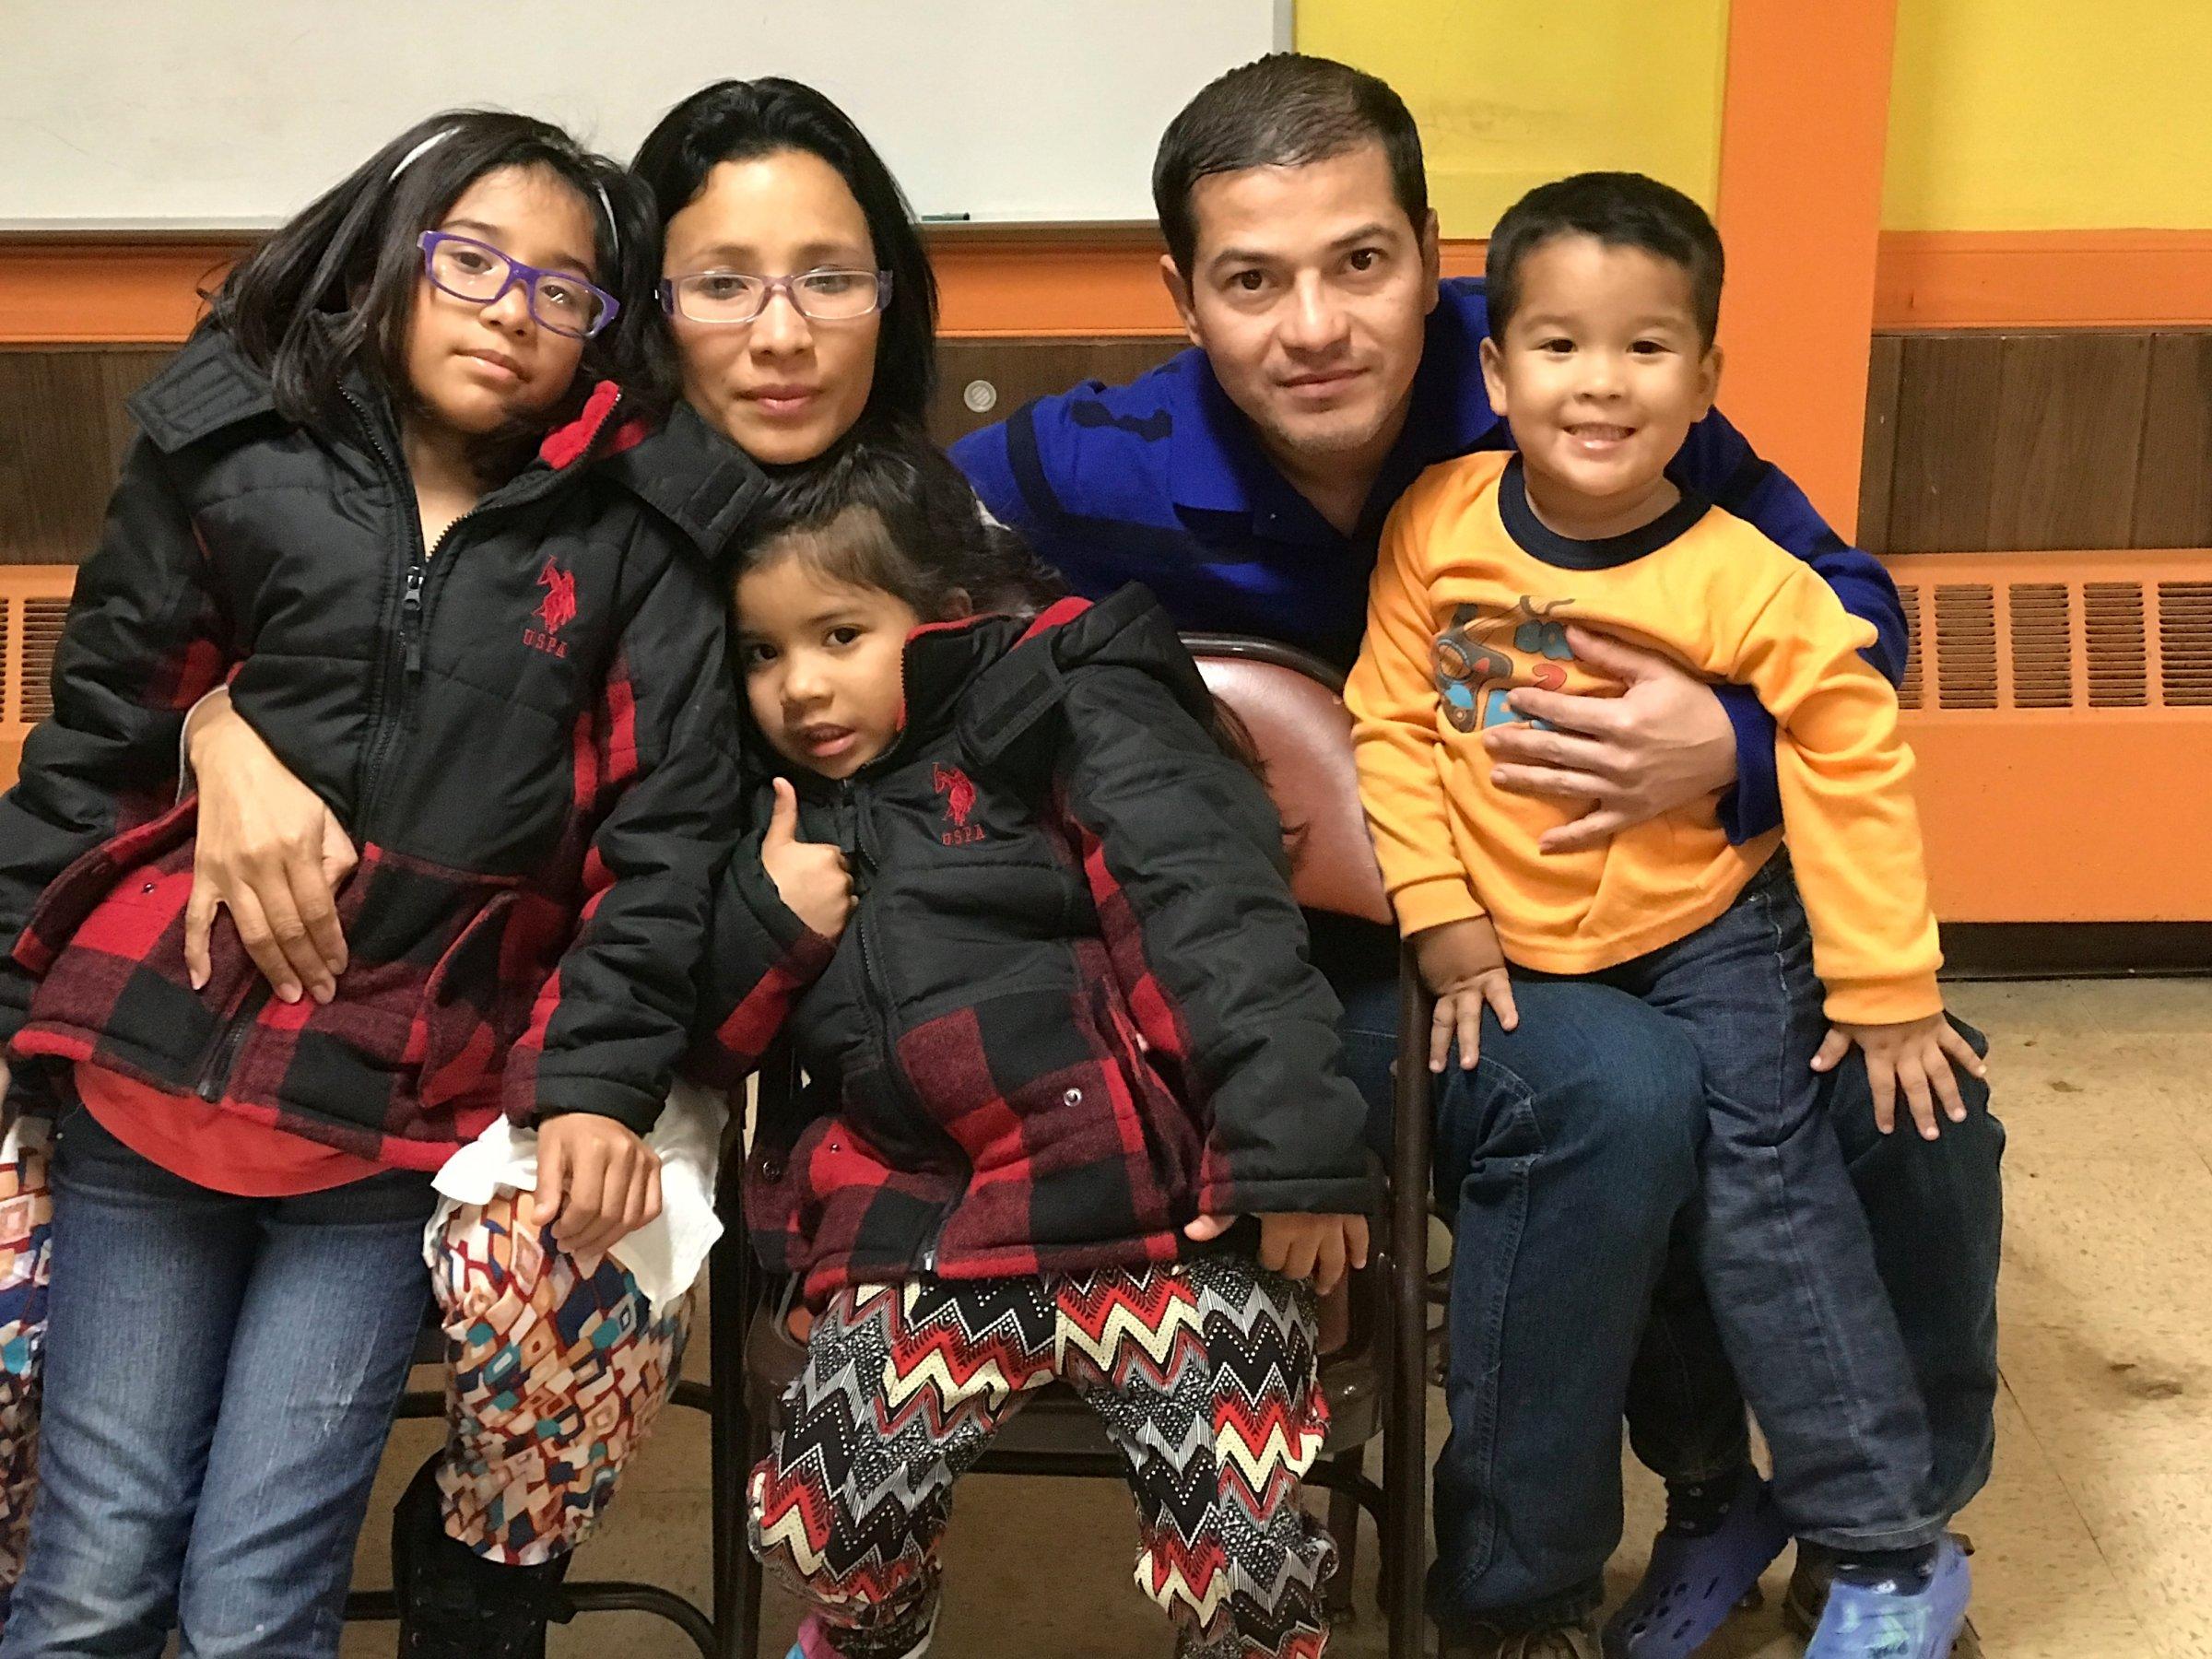 Семья, которой помогла церковь Святого Луки. Фото: businessinsider.com